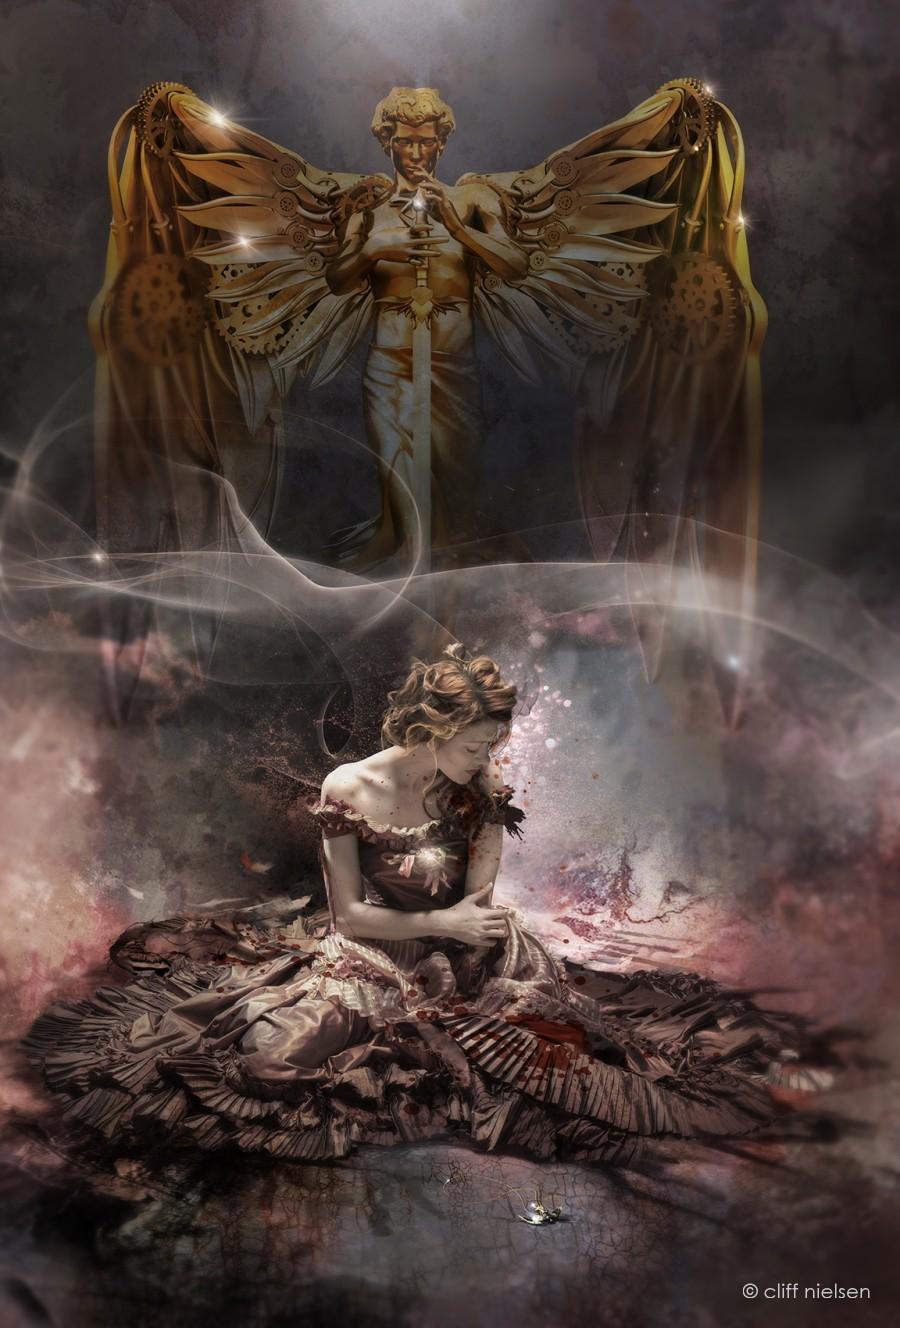 CLIFF NIELSEN Scifi and Fantasy Illustrator Graphic Novel Artist Designer